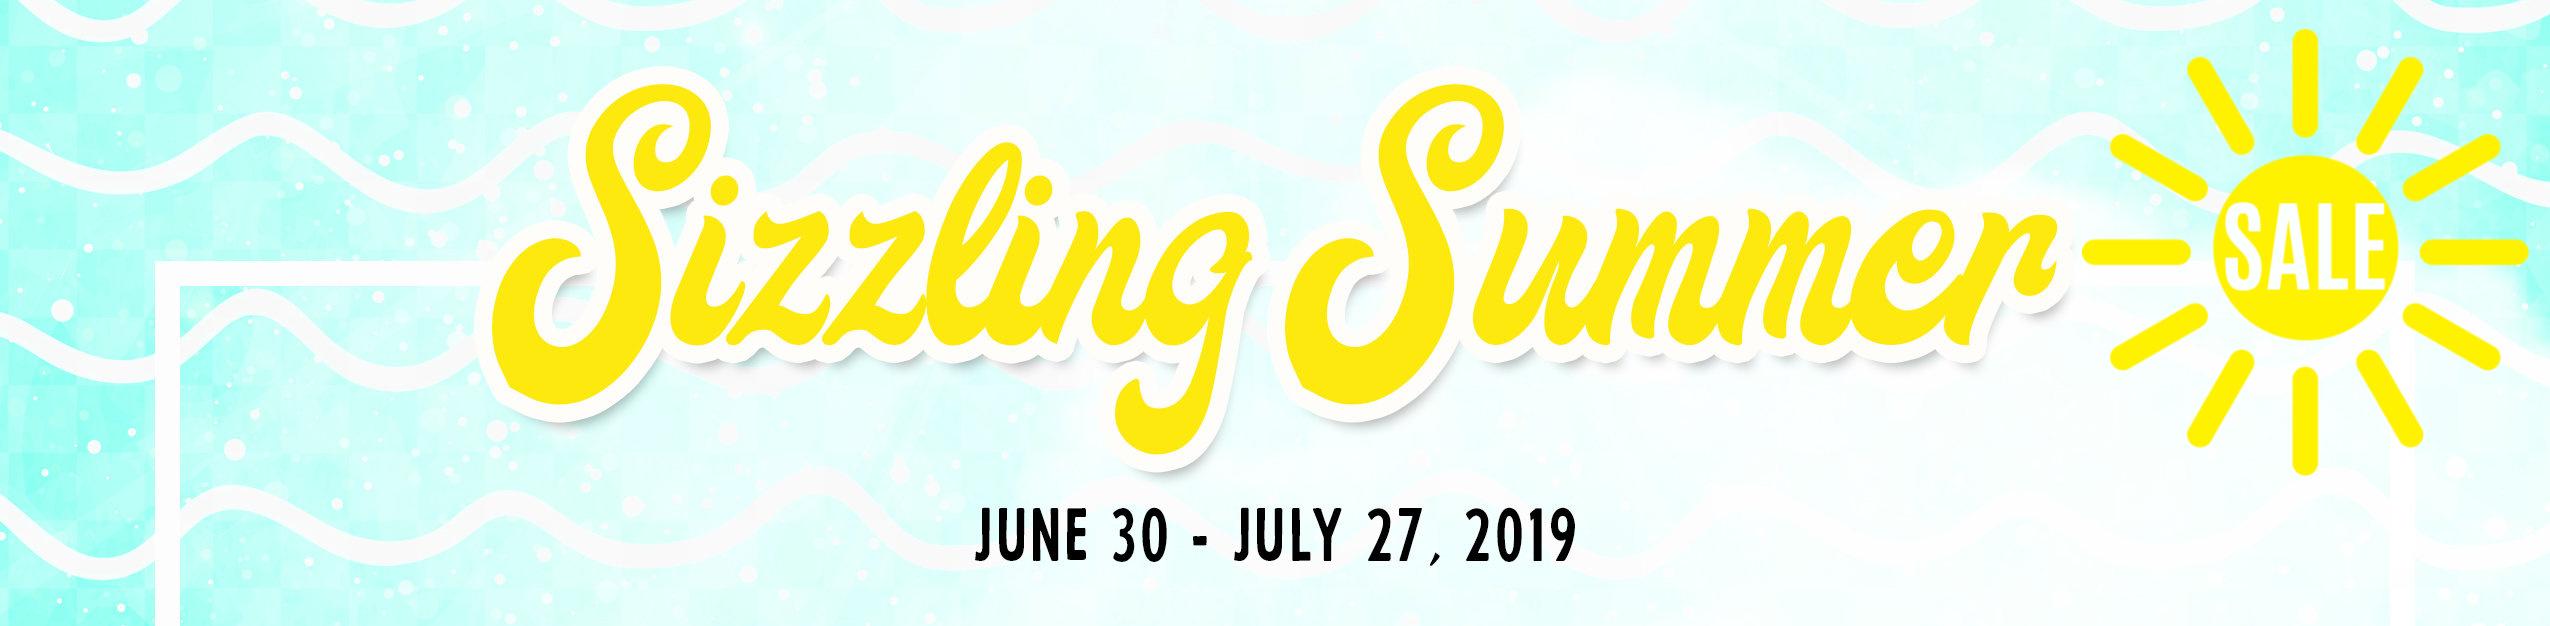 Richway Summer Sale 2019